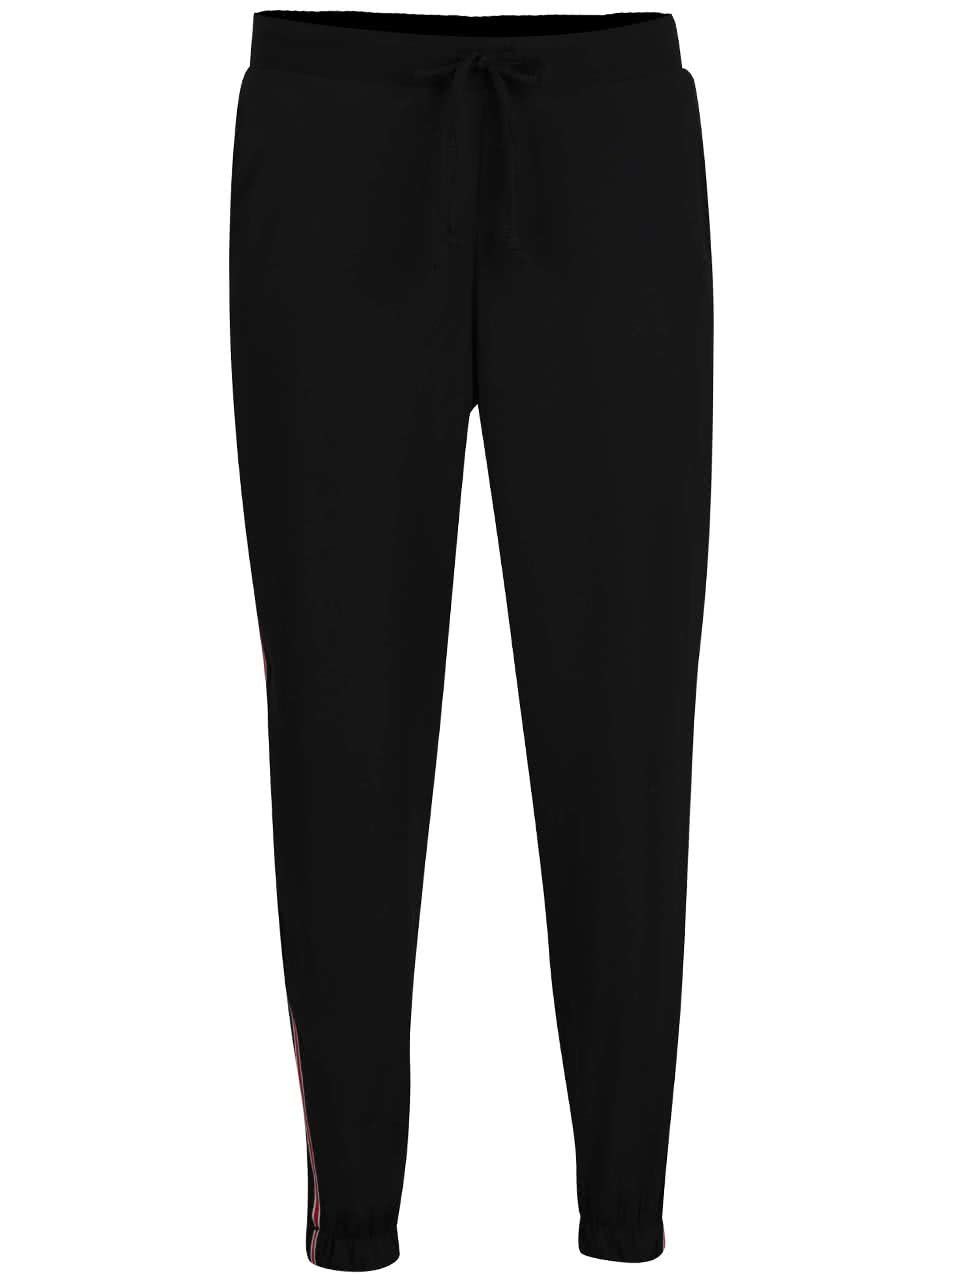 Černé krepové kalhoty Haily's Jana